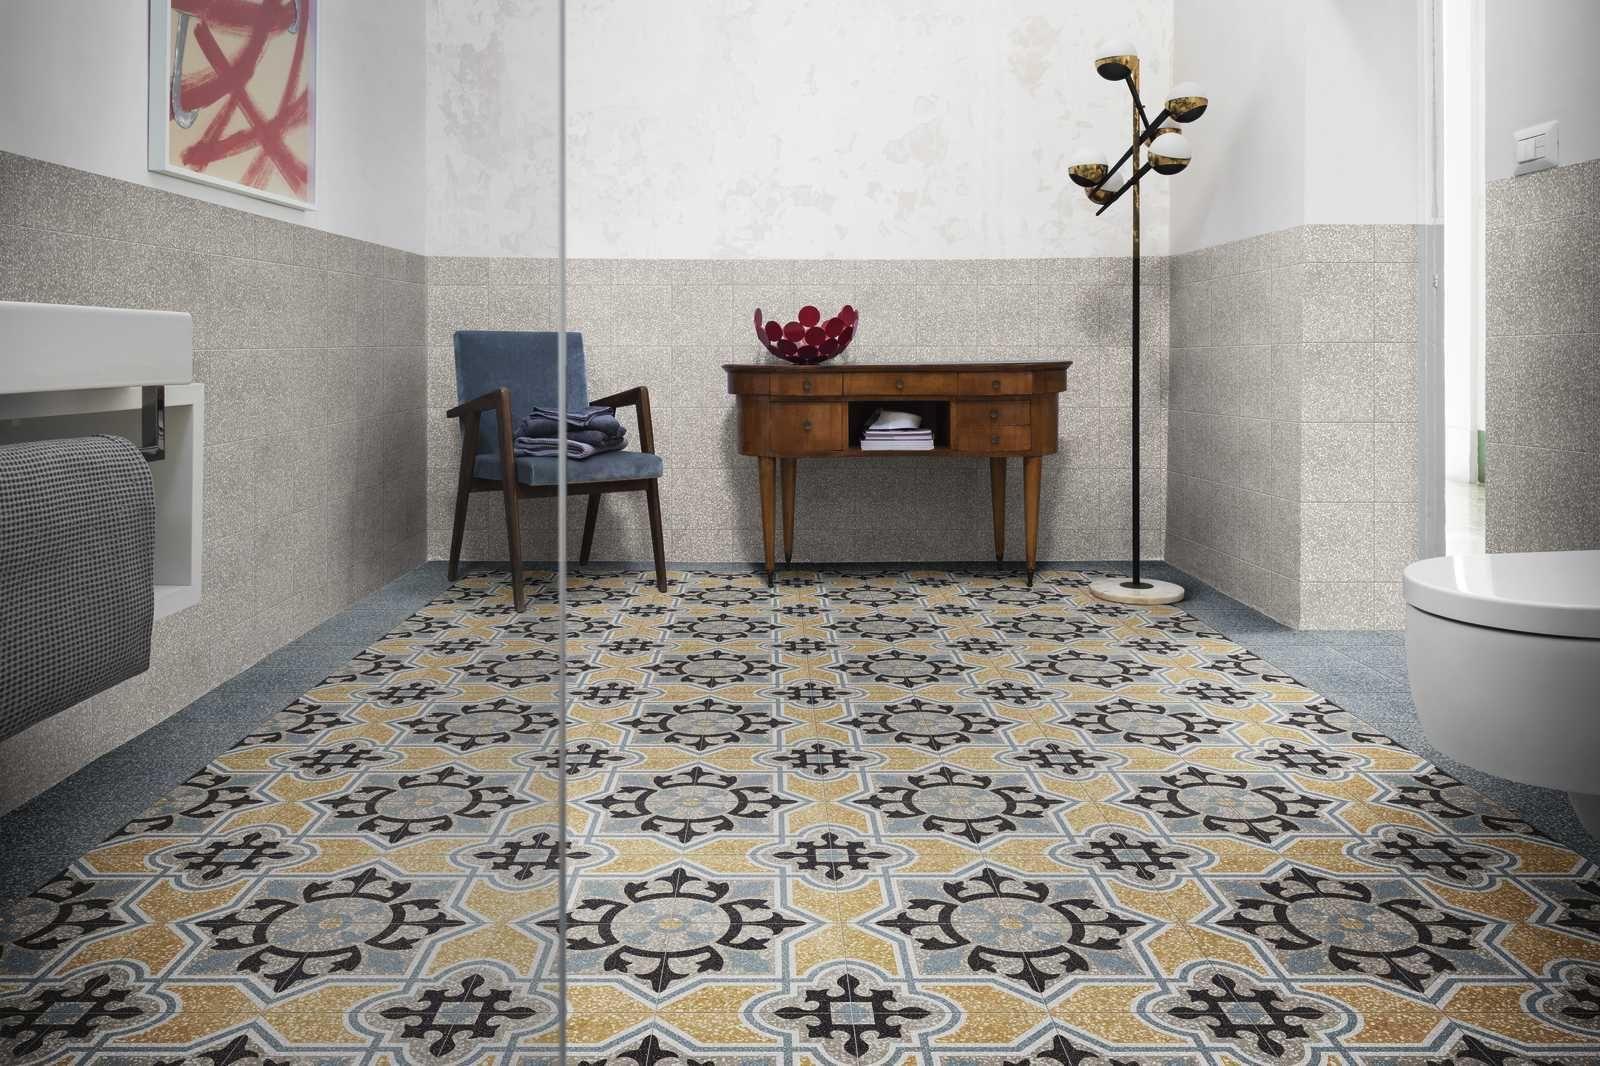 D Segni Scaglie Concrete Effect Bathroom Marazzi D Segni